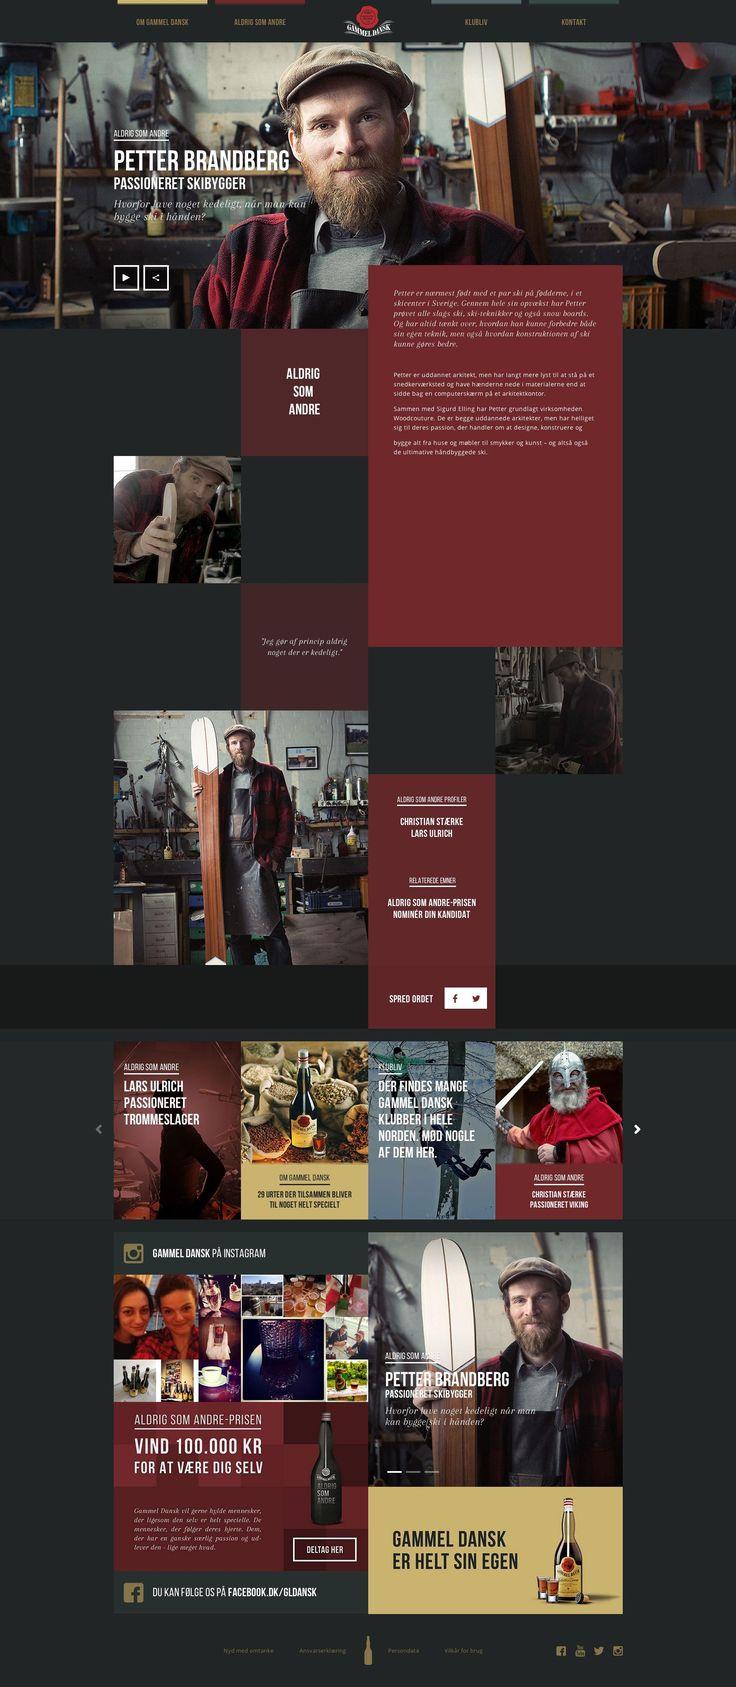 http://gammeldansk.dk/aldrig-som-andre/petter-brandberg/ | #webdesign #it #web #design #layout #userinterface #website #webdesign repinned by www.BlickeDeeler.de | Visit our website www.blickedeeler.de/leistungen/webdesign